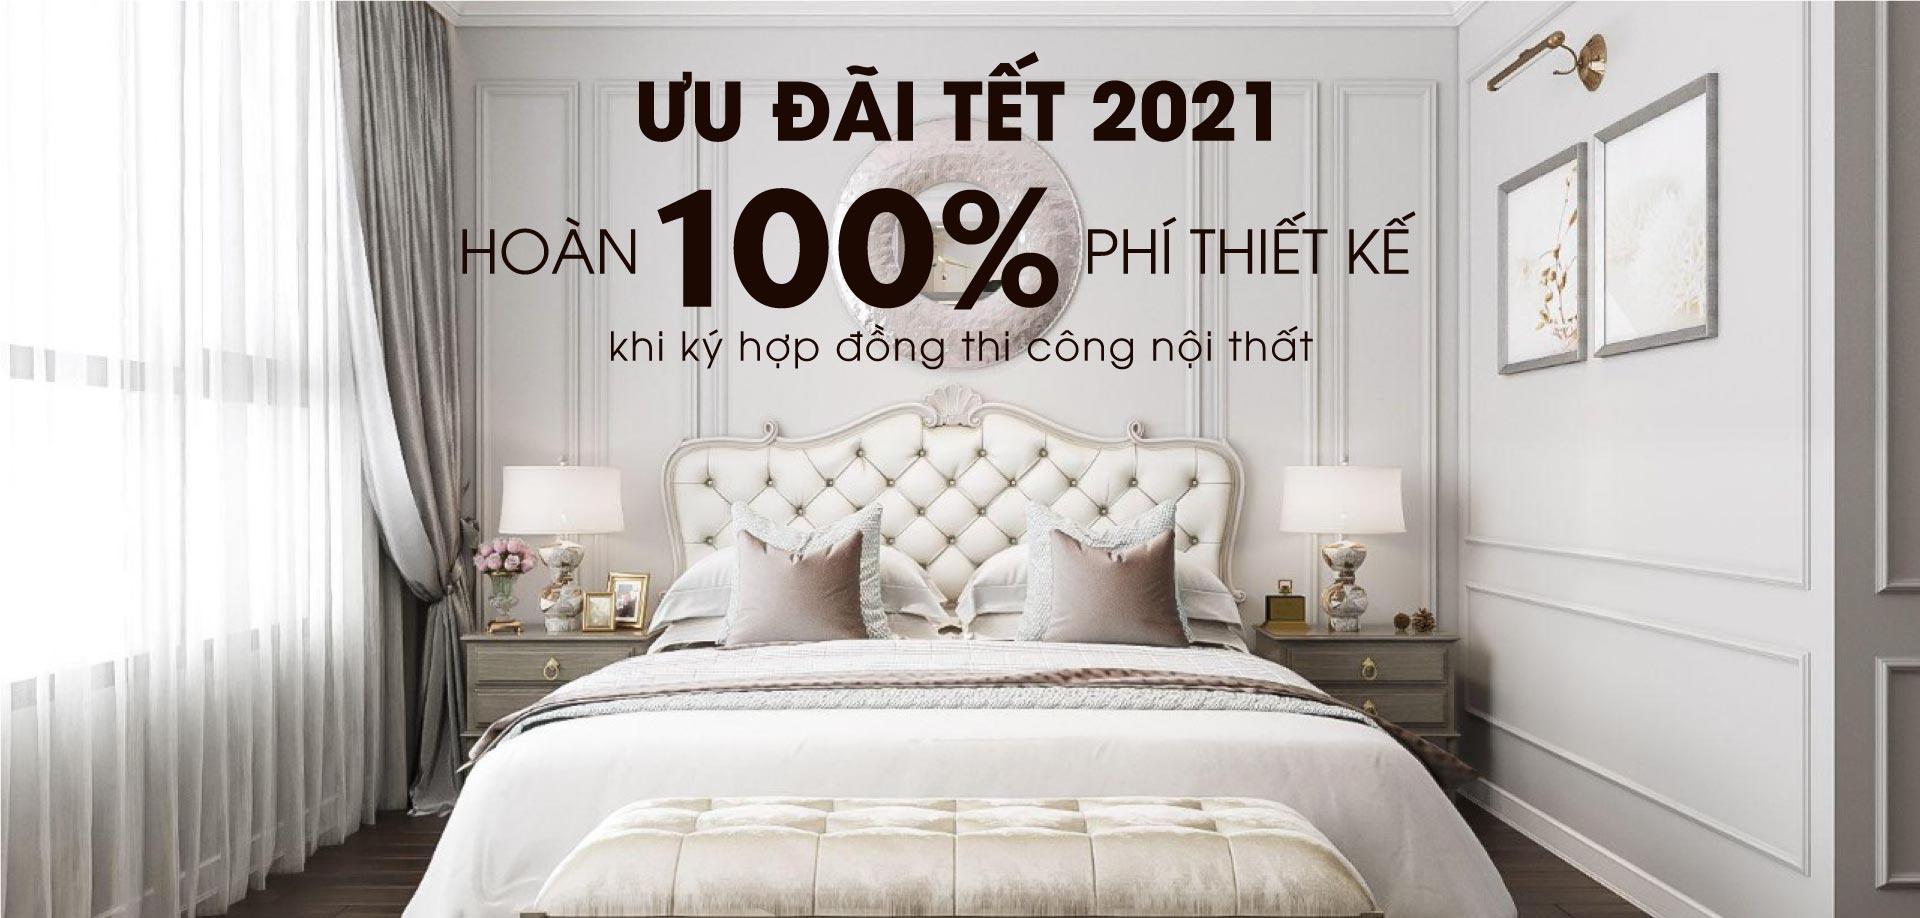 Chương trình khuyến mãi ưu đãi tết 2021